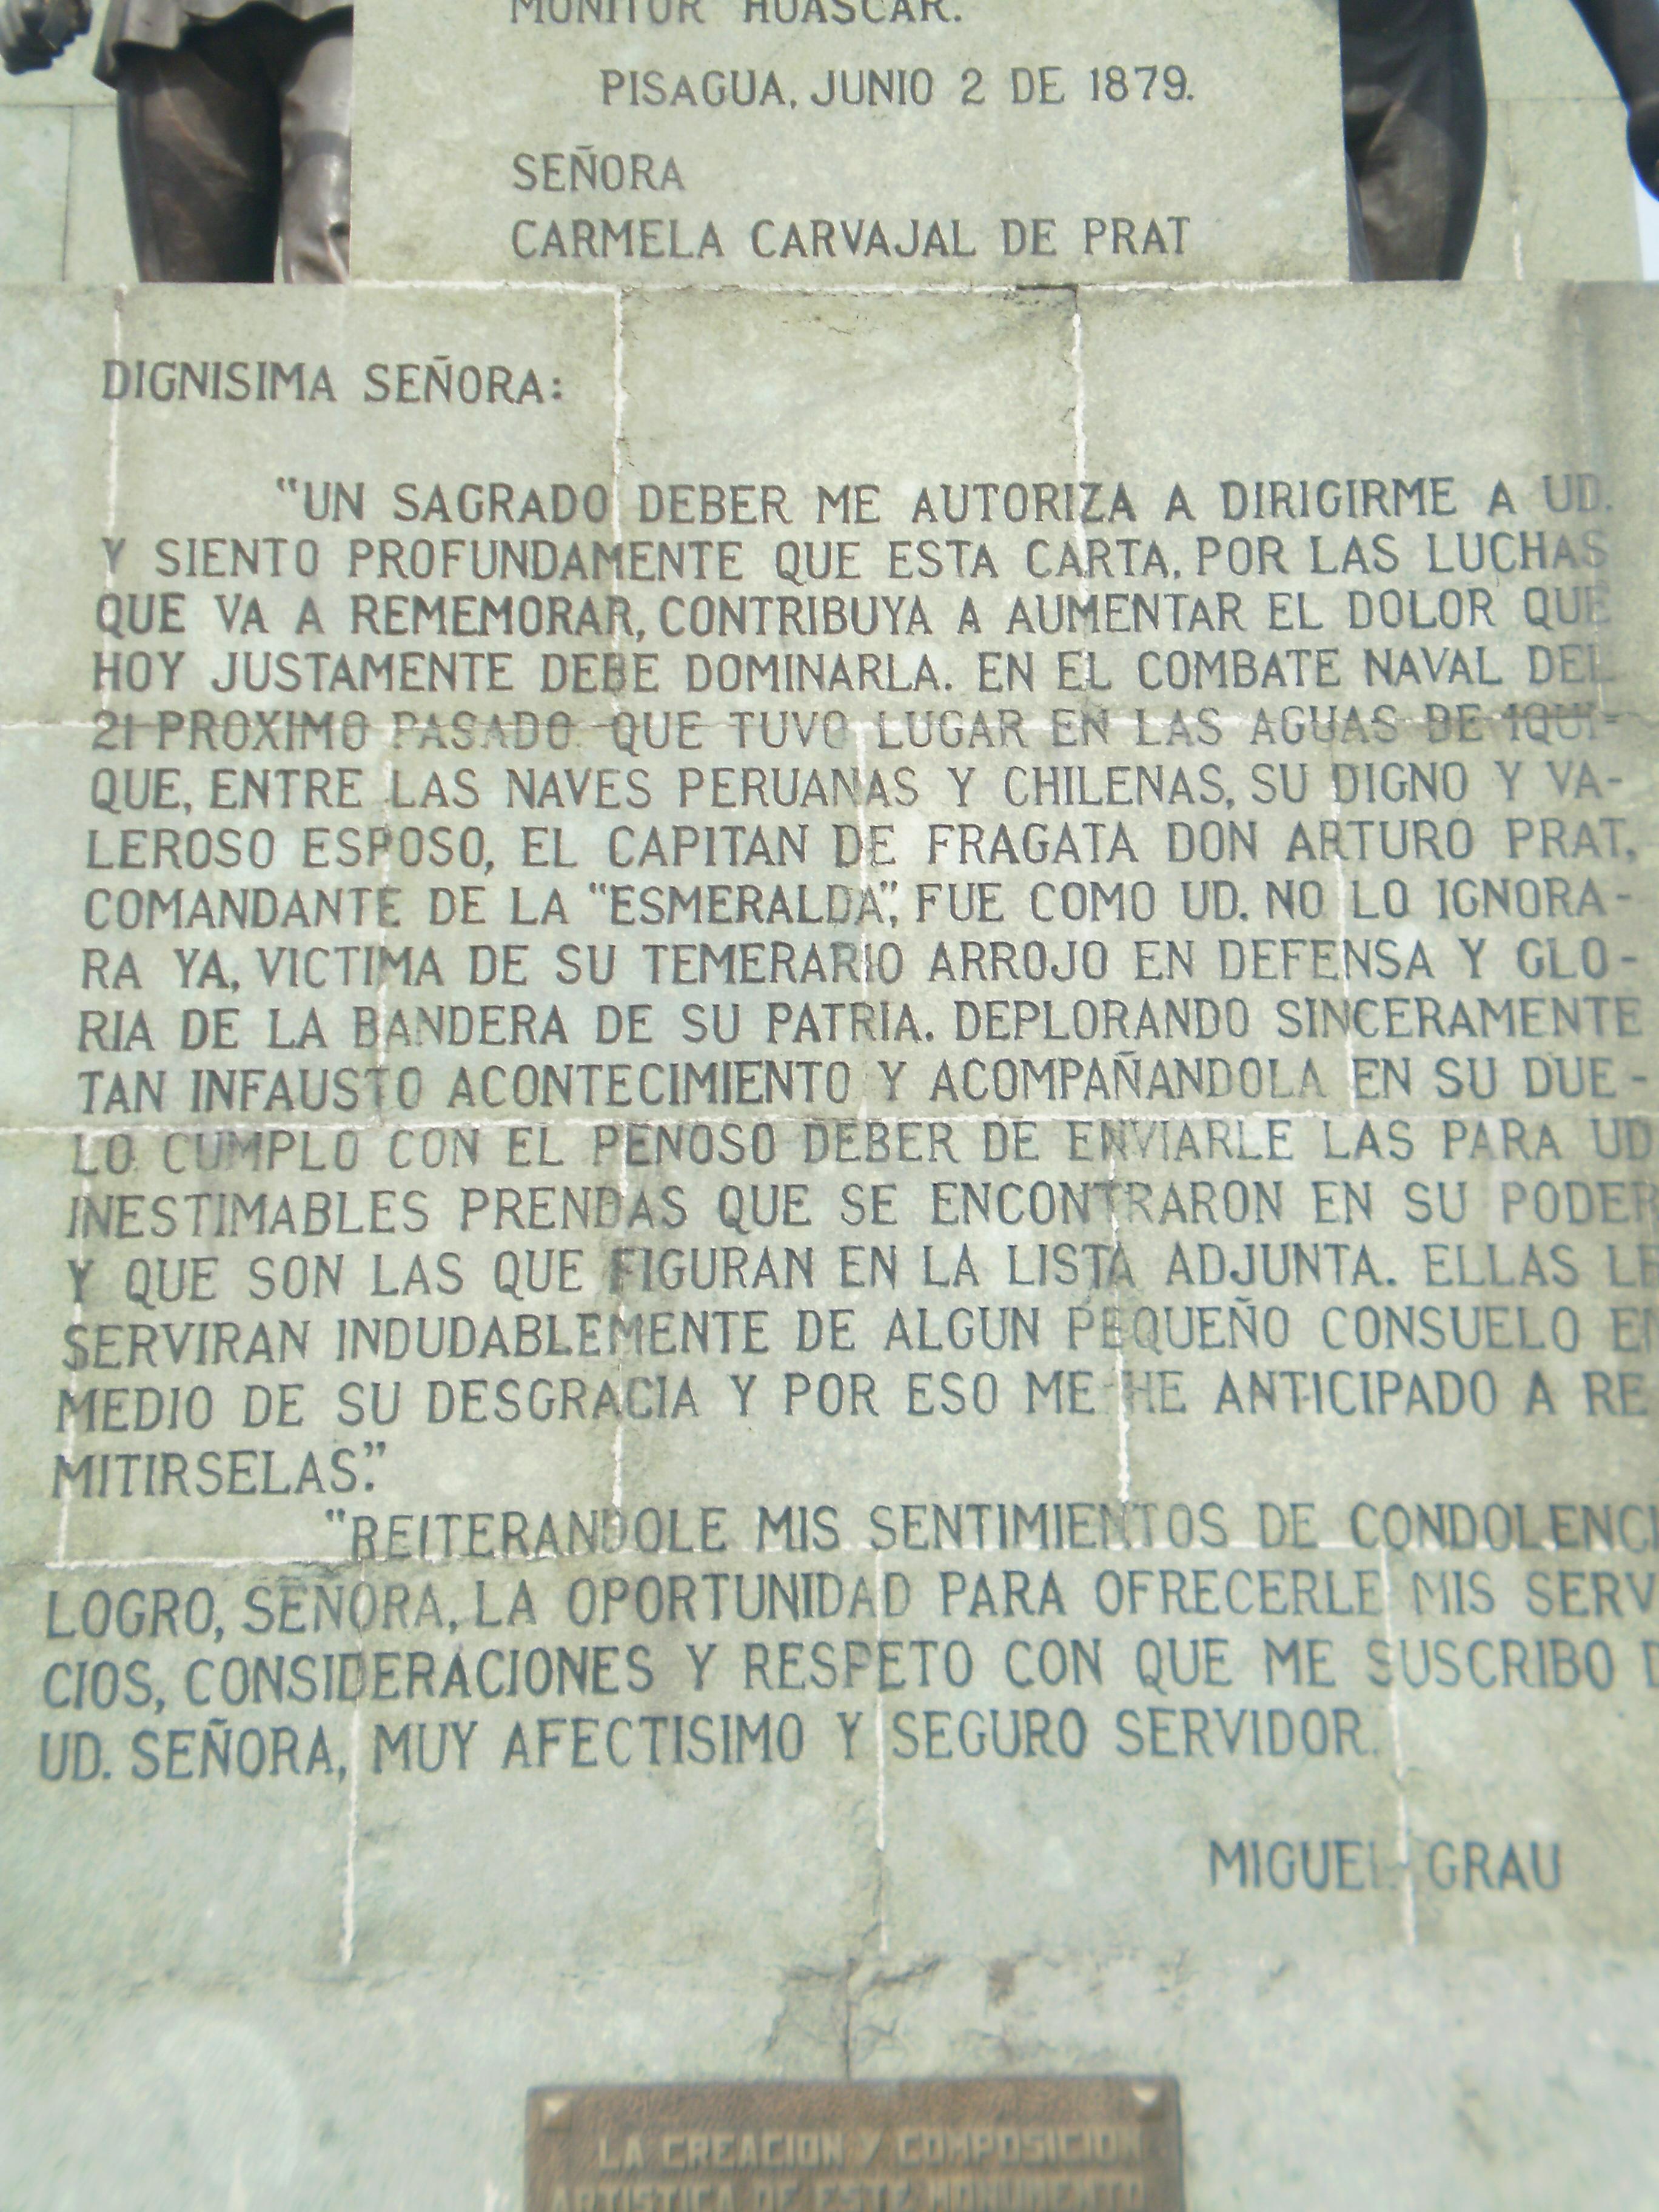 Carta_de_Grau_a_viuda_de_Prat_en_monumento_chileno.JPG